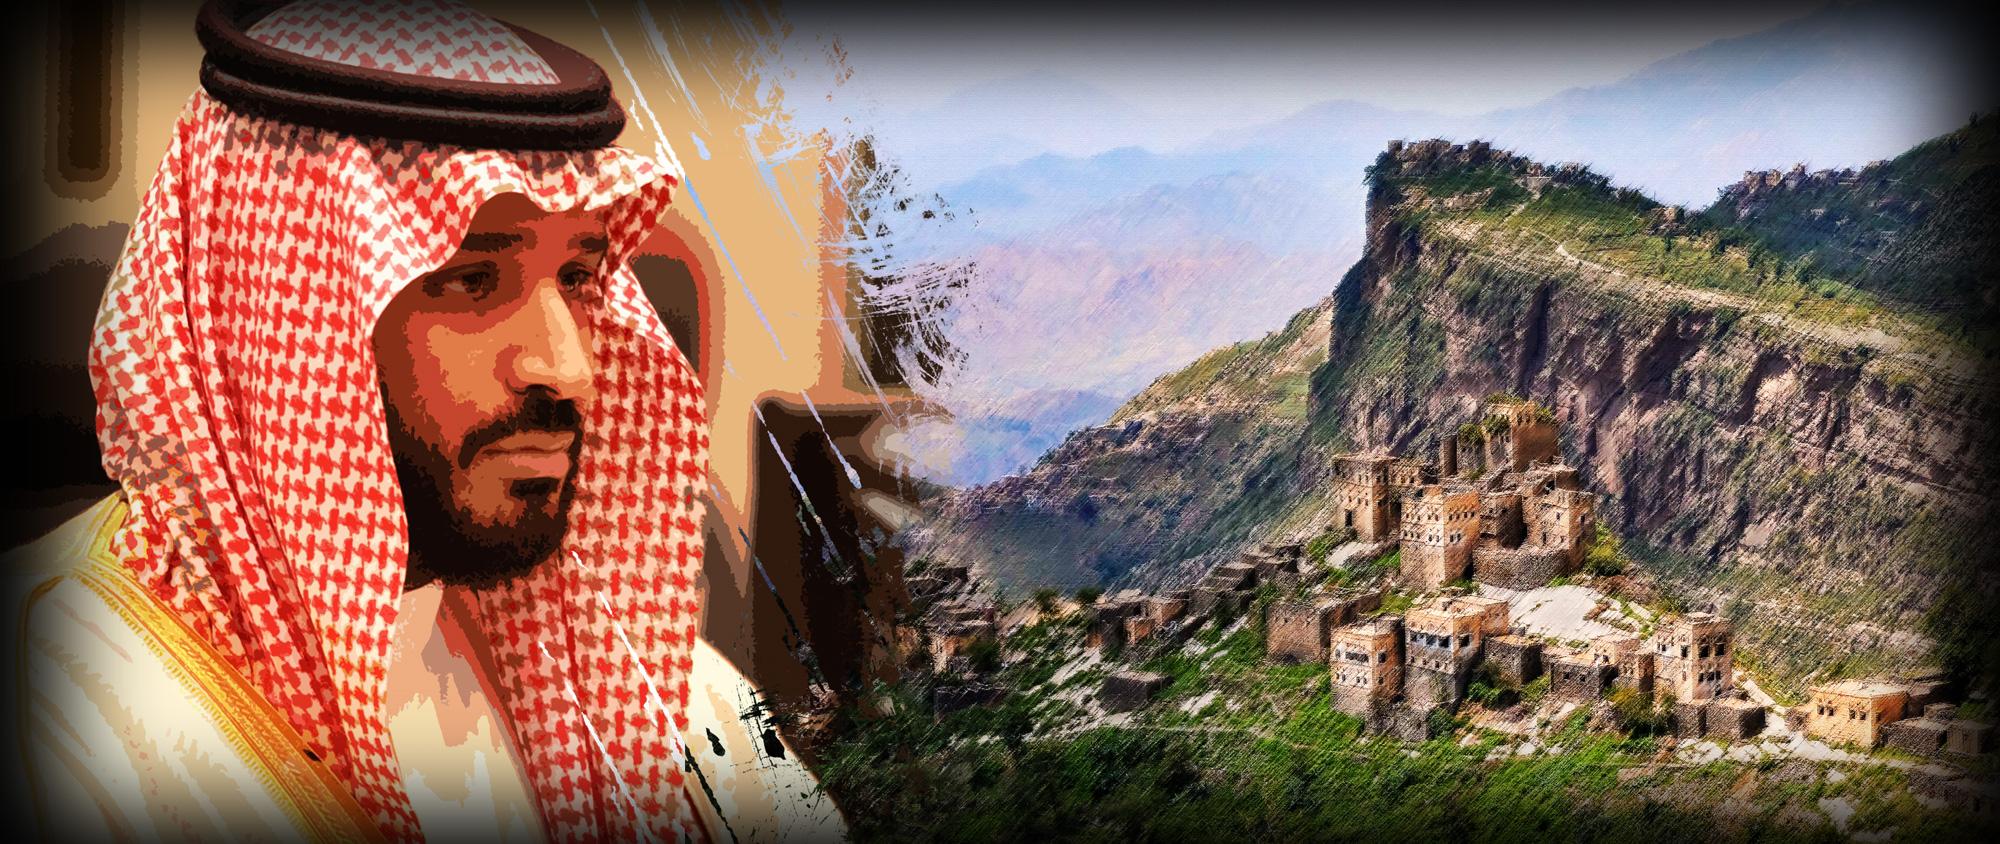 """Saudi-Arabiens Vietnam <br>  <span id='sec-title'>Der Jemen und """"der Friedhof der Imperien""""</span>"""